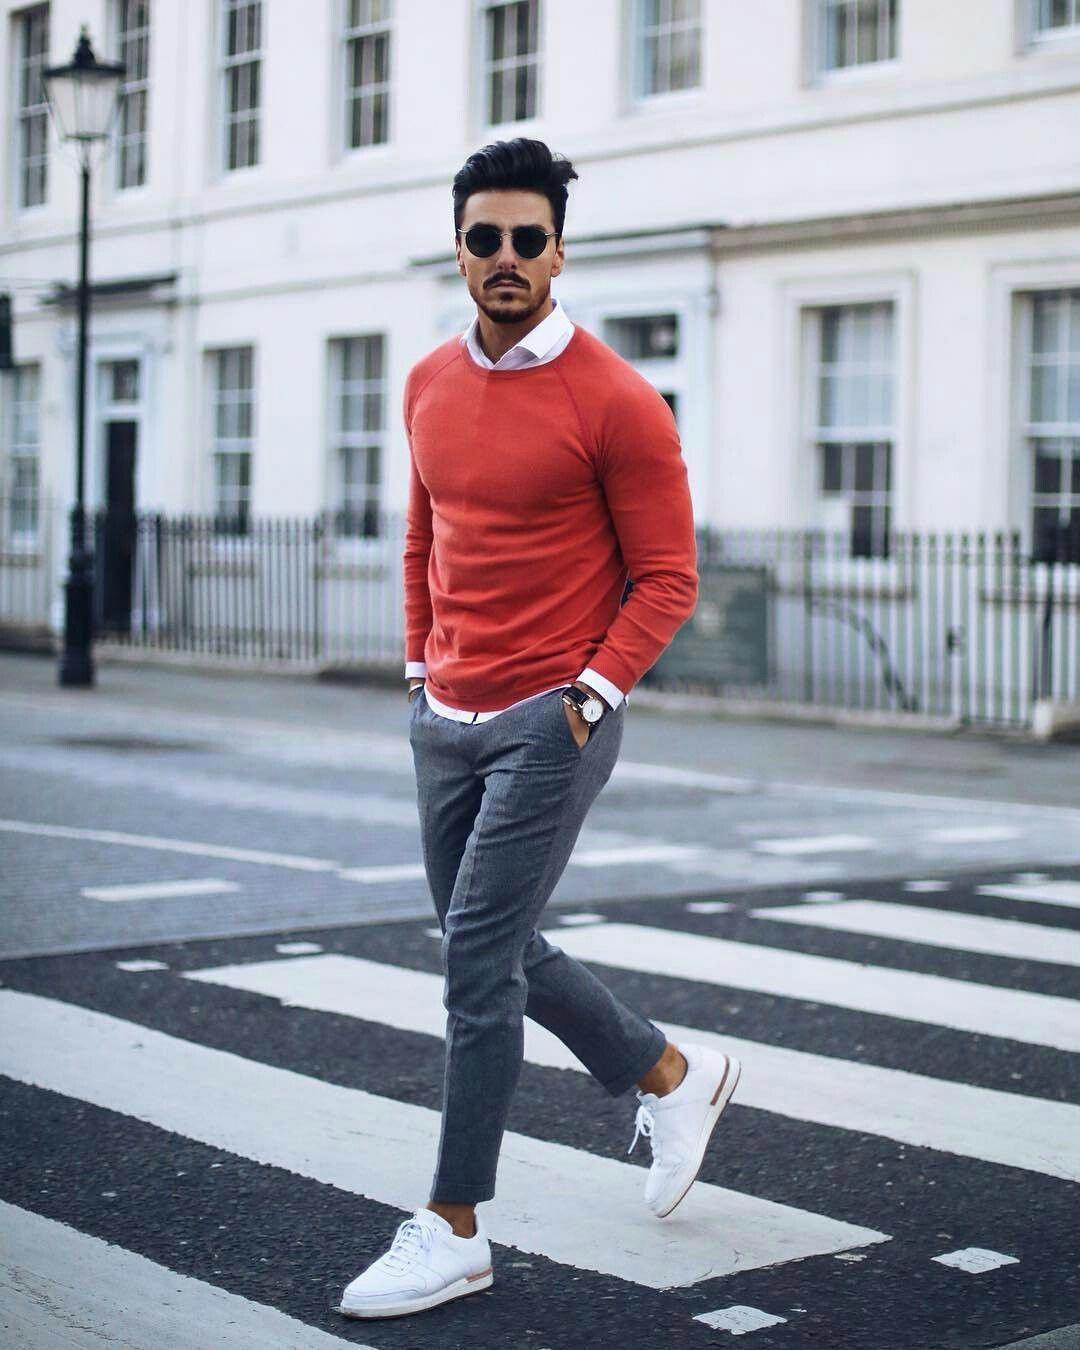 Men style fashion look clothing clothes man ropa moda para hombres outfit  models moda masculina urbano urban estilo street  Mensoutfits a0a622ba2e0